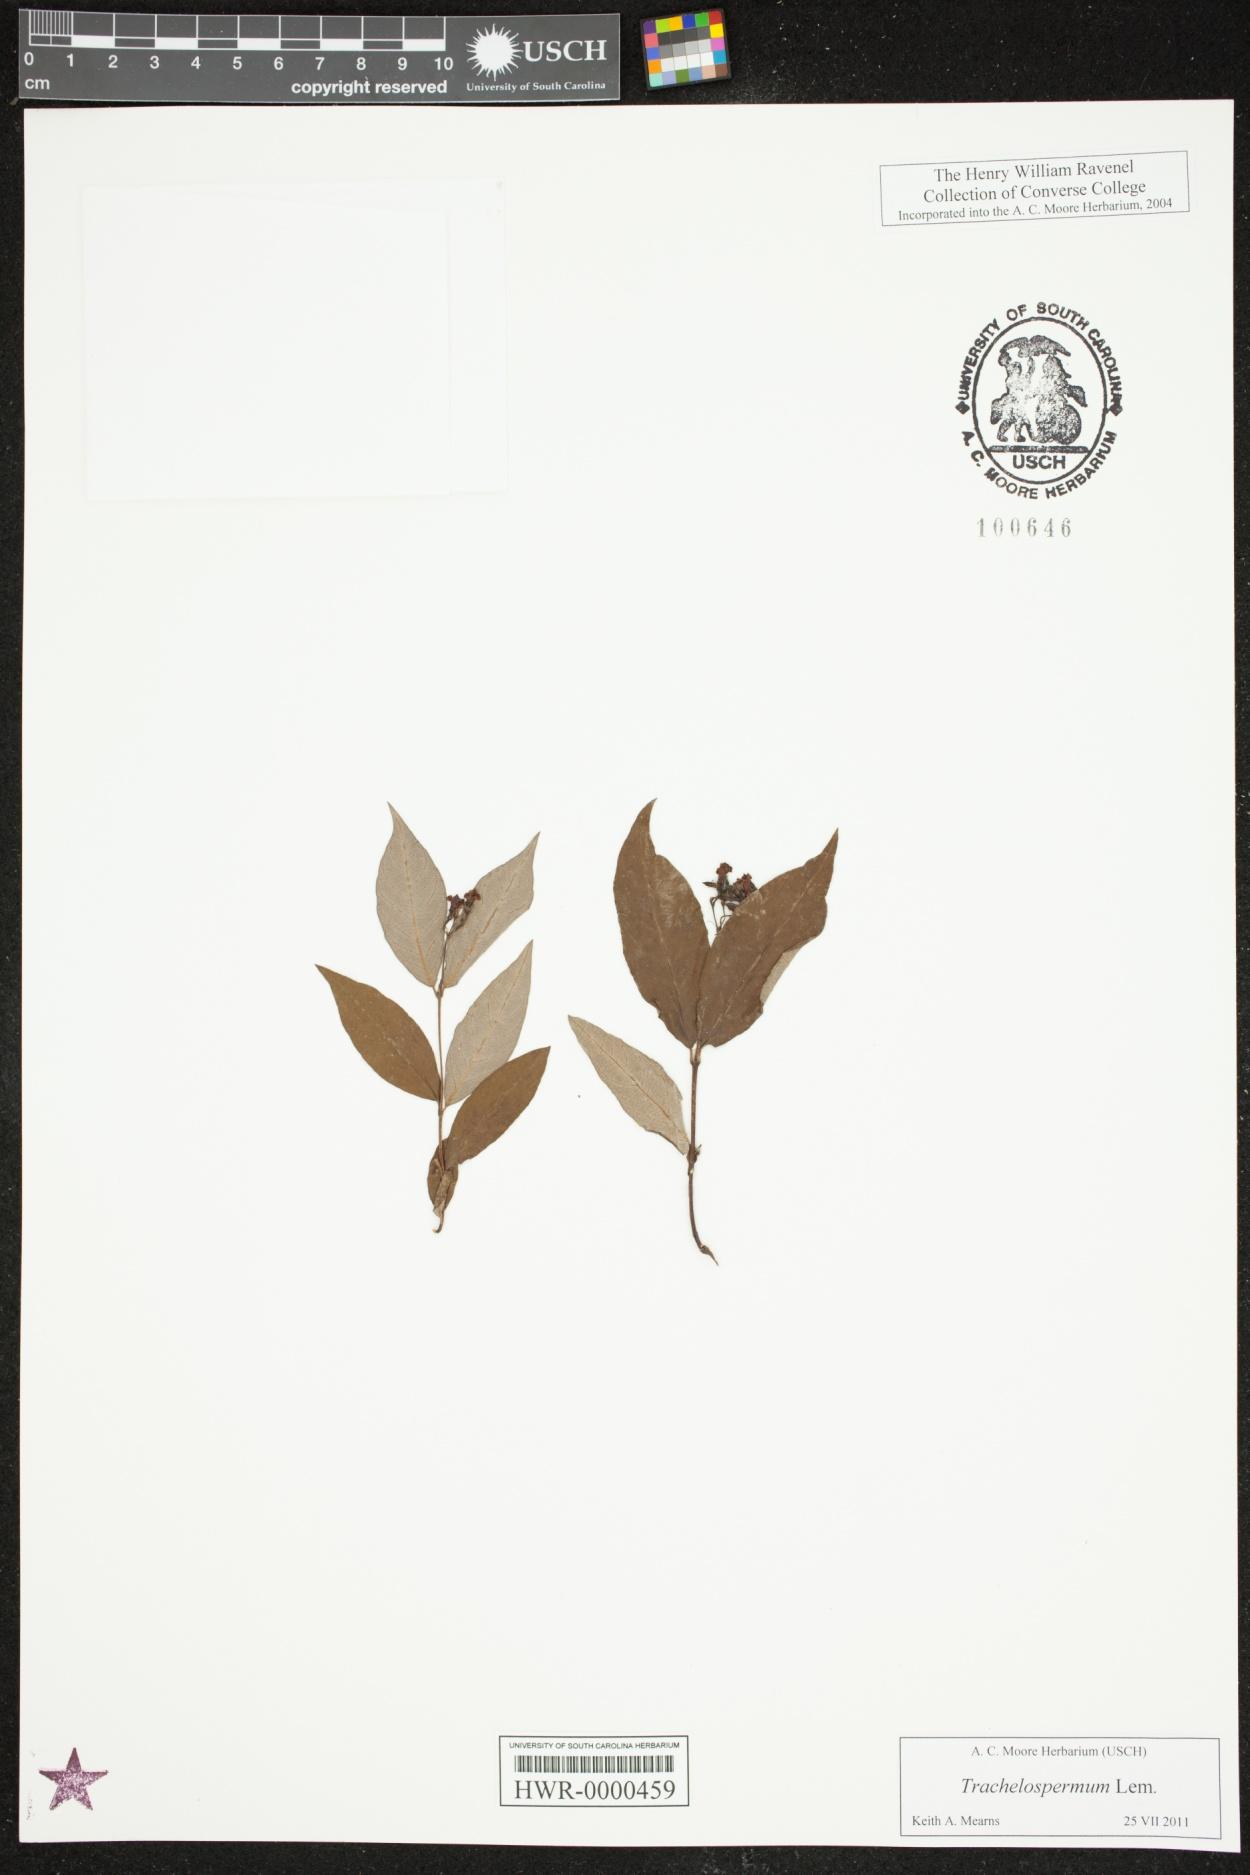 Trachelospermum image